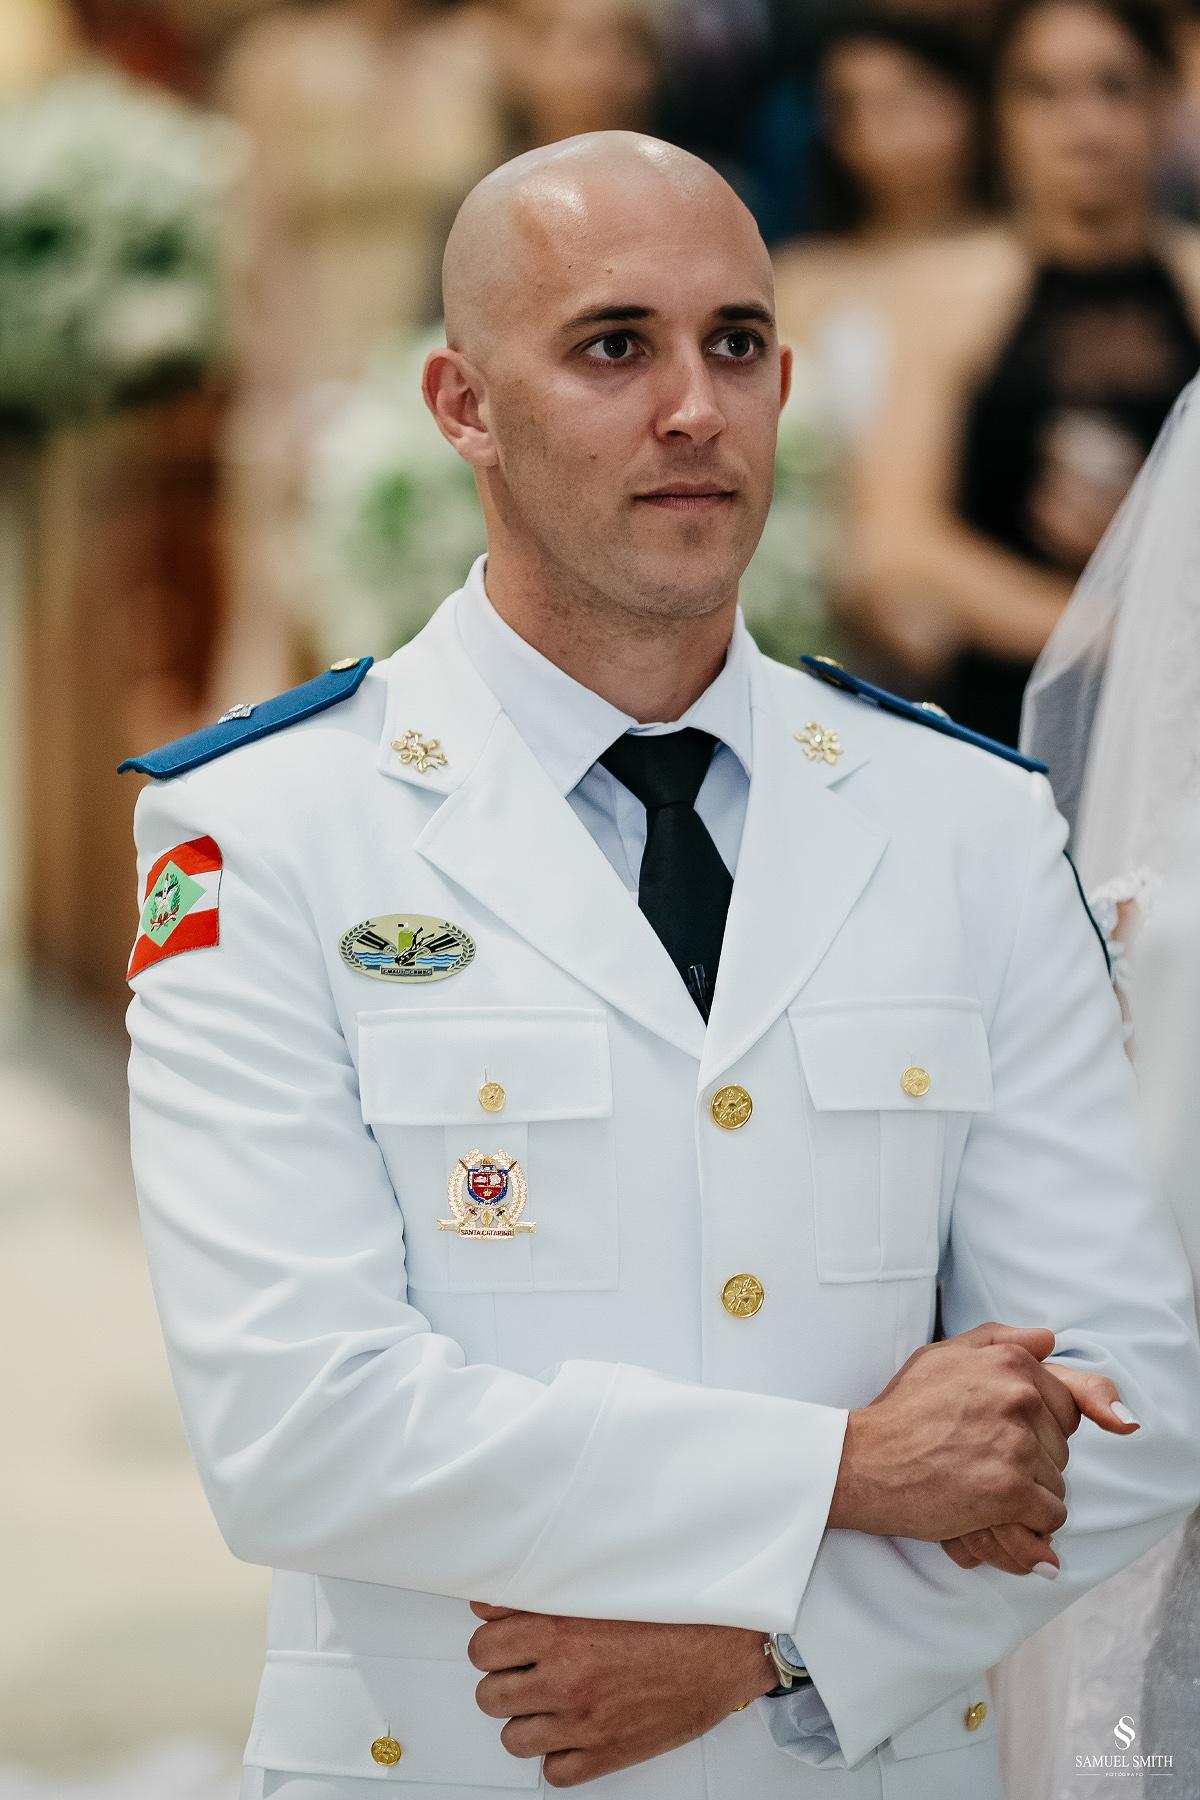 casamento bombeiro militar florianópolis sc fotógrafo samuel smith fotografia (52)